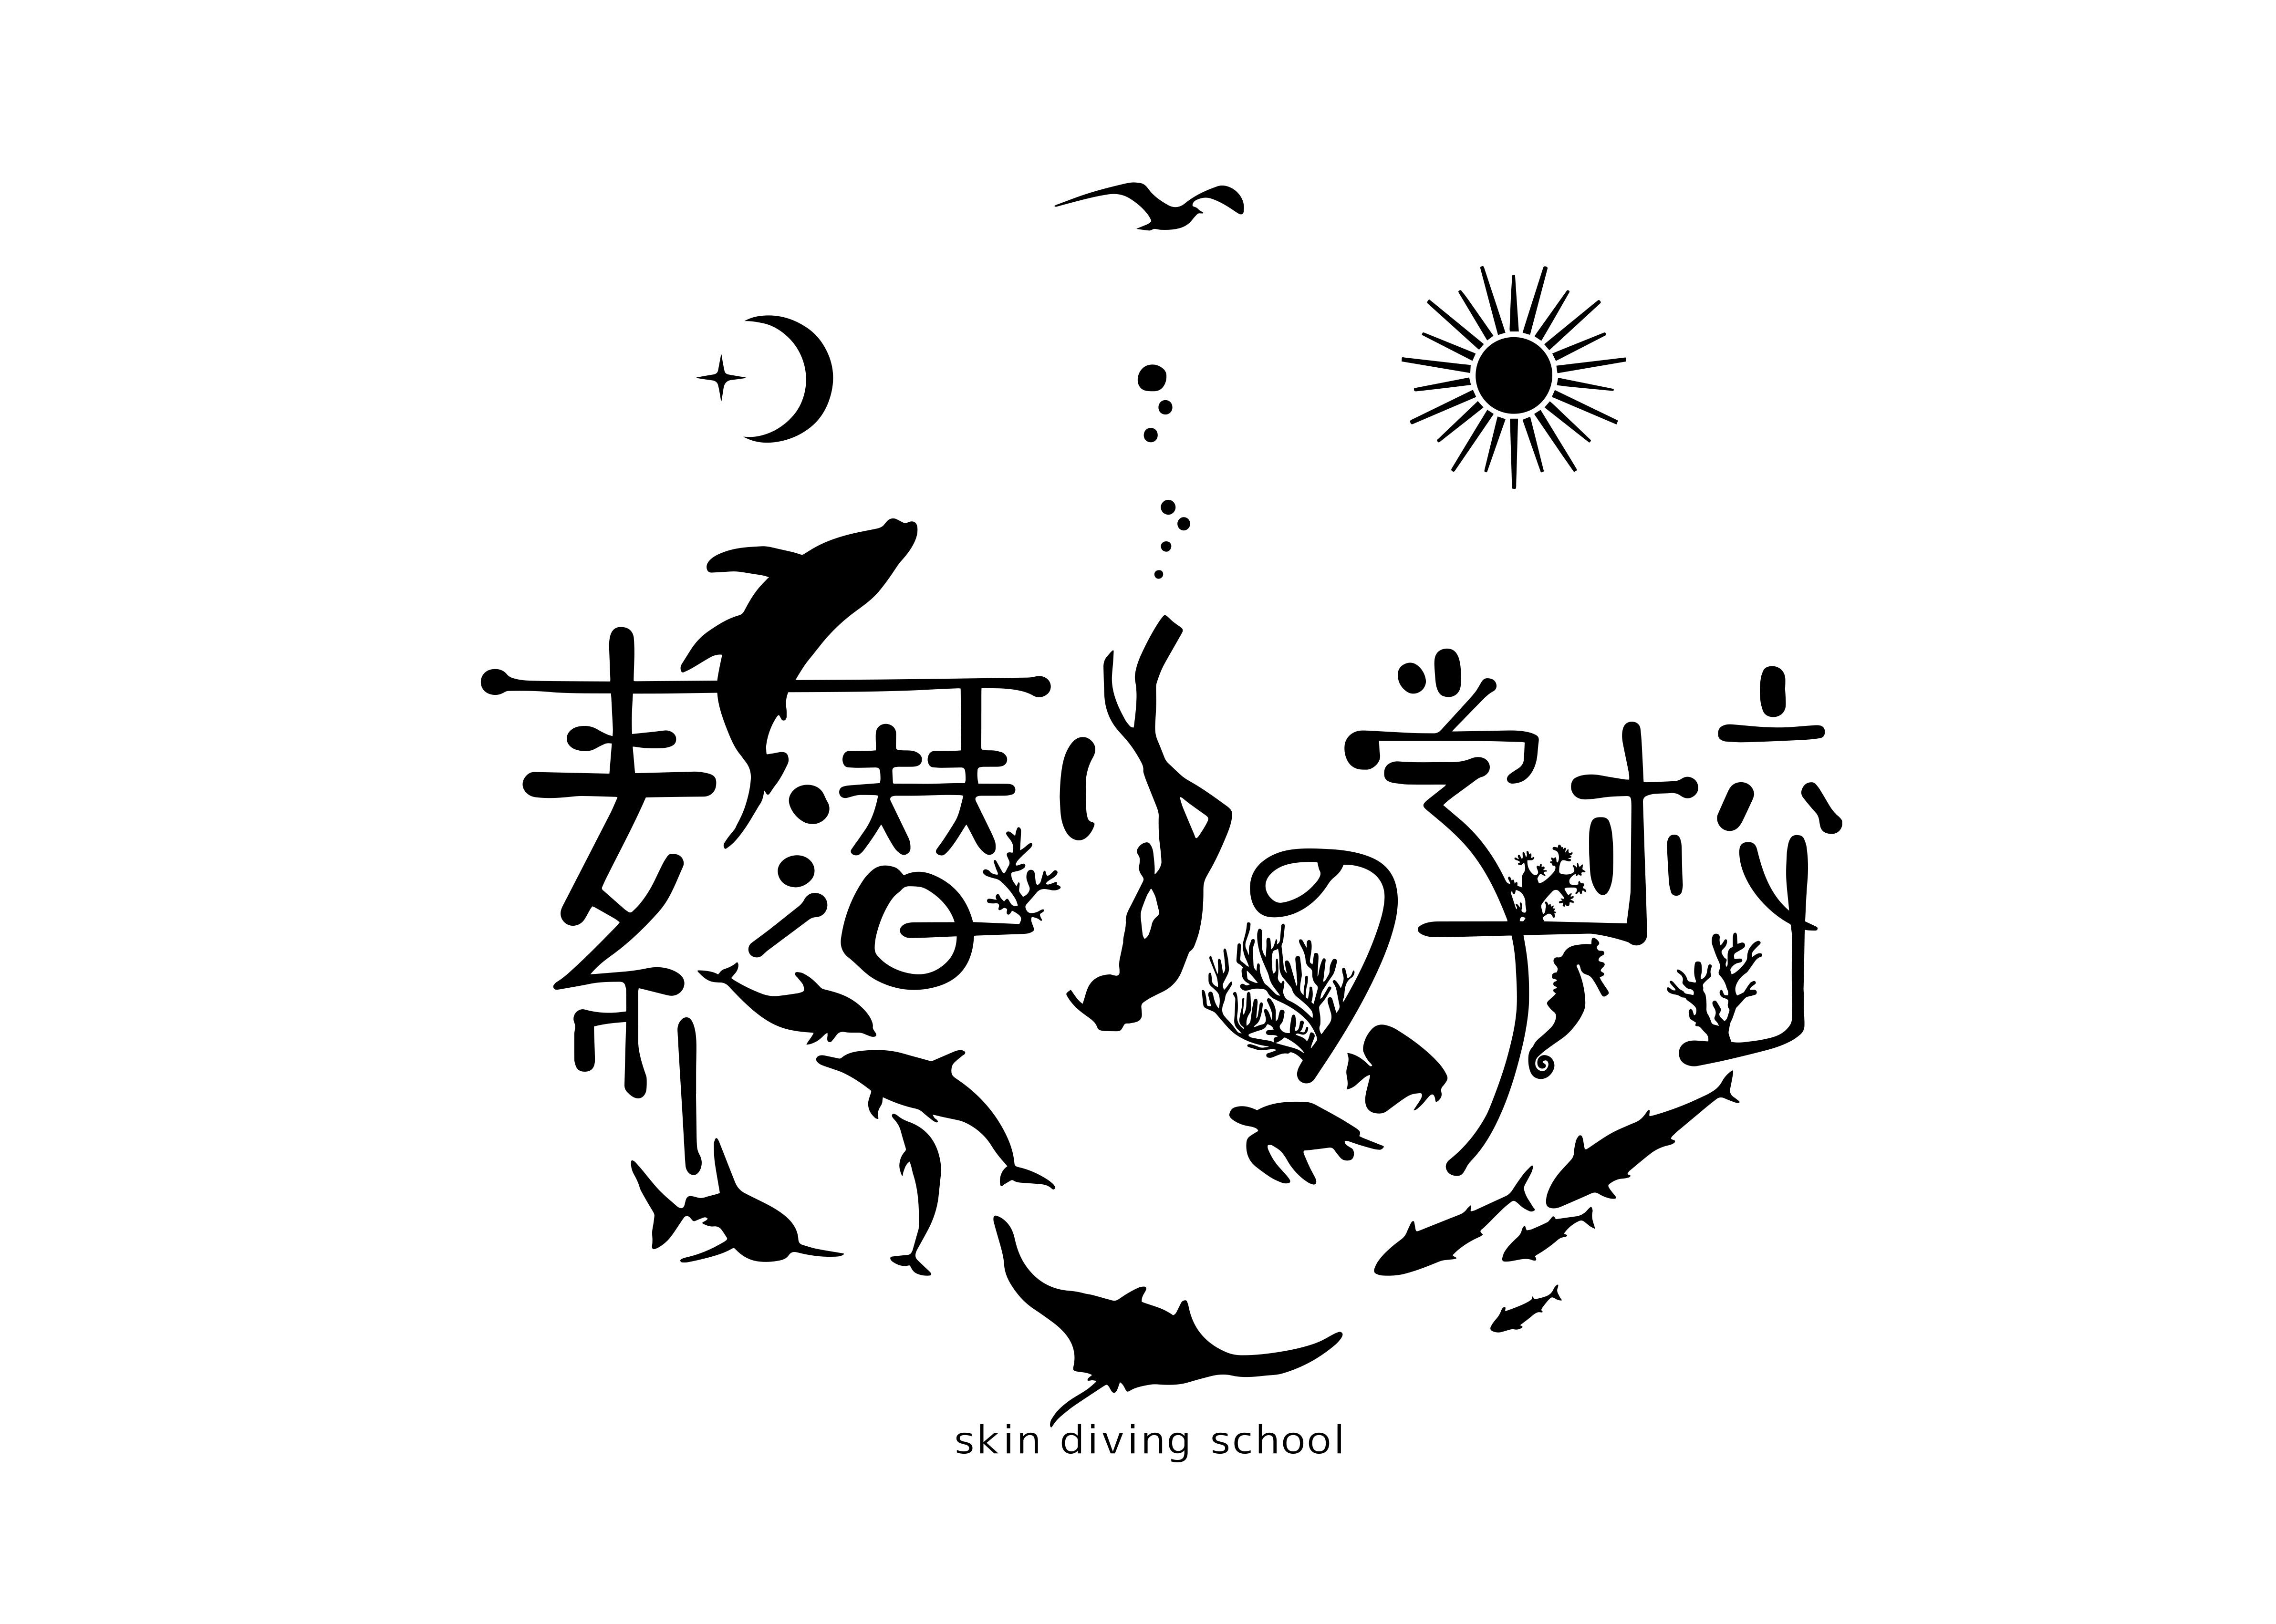 素潜りの学校※小笠原父島でドルフィンスイム・ホエールウォッチング・南島上陸のボートツアーガイド